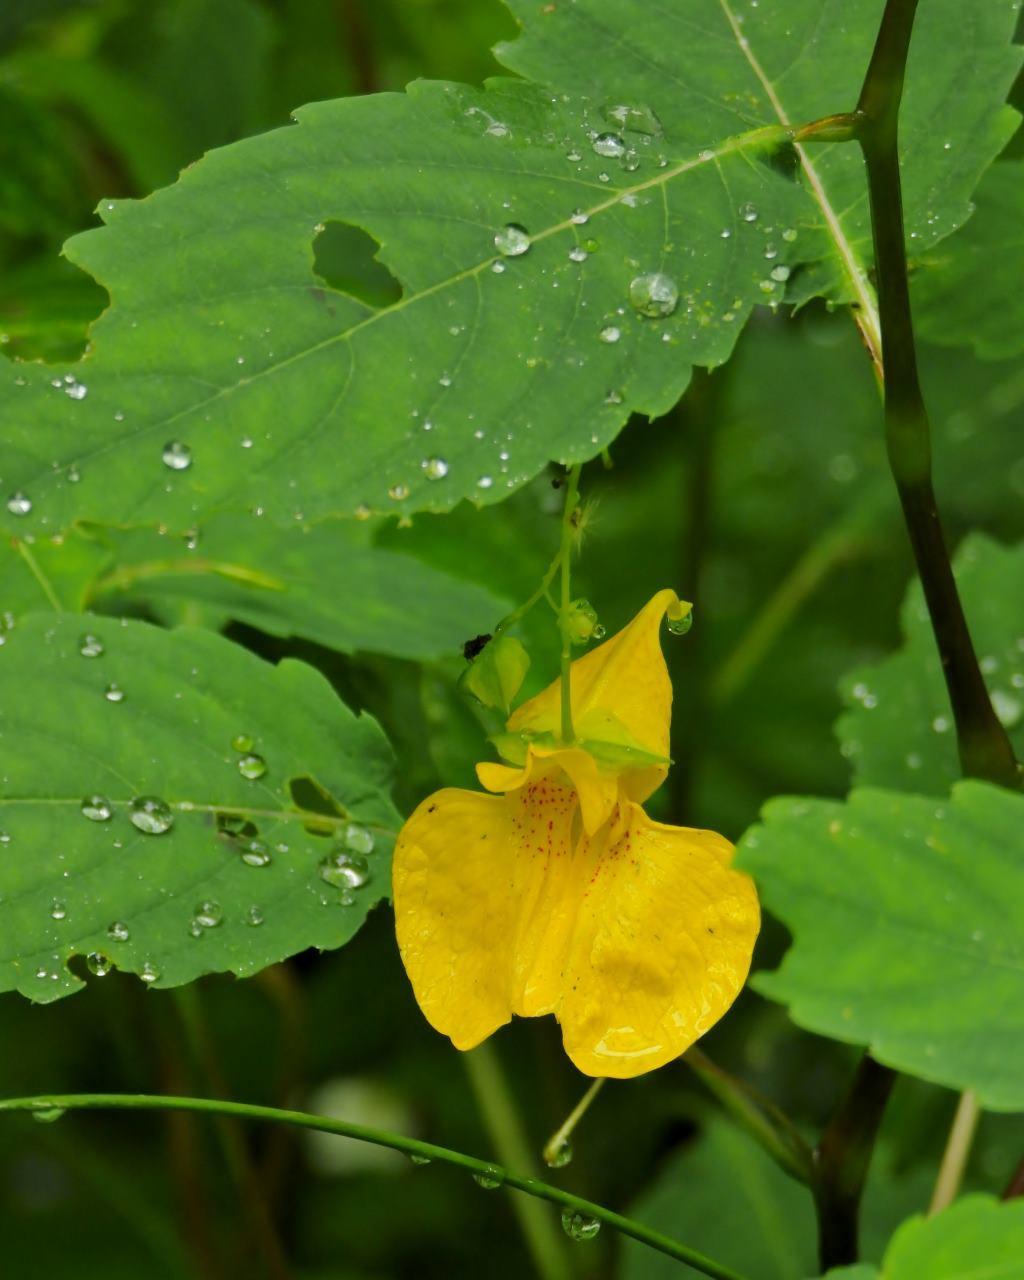 箕輪城跡で 通り雨と雨上がり_c0305565_17295703.jpg